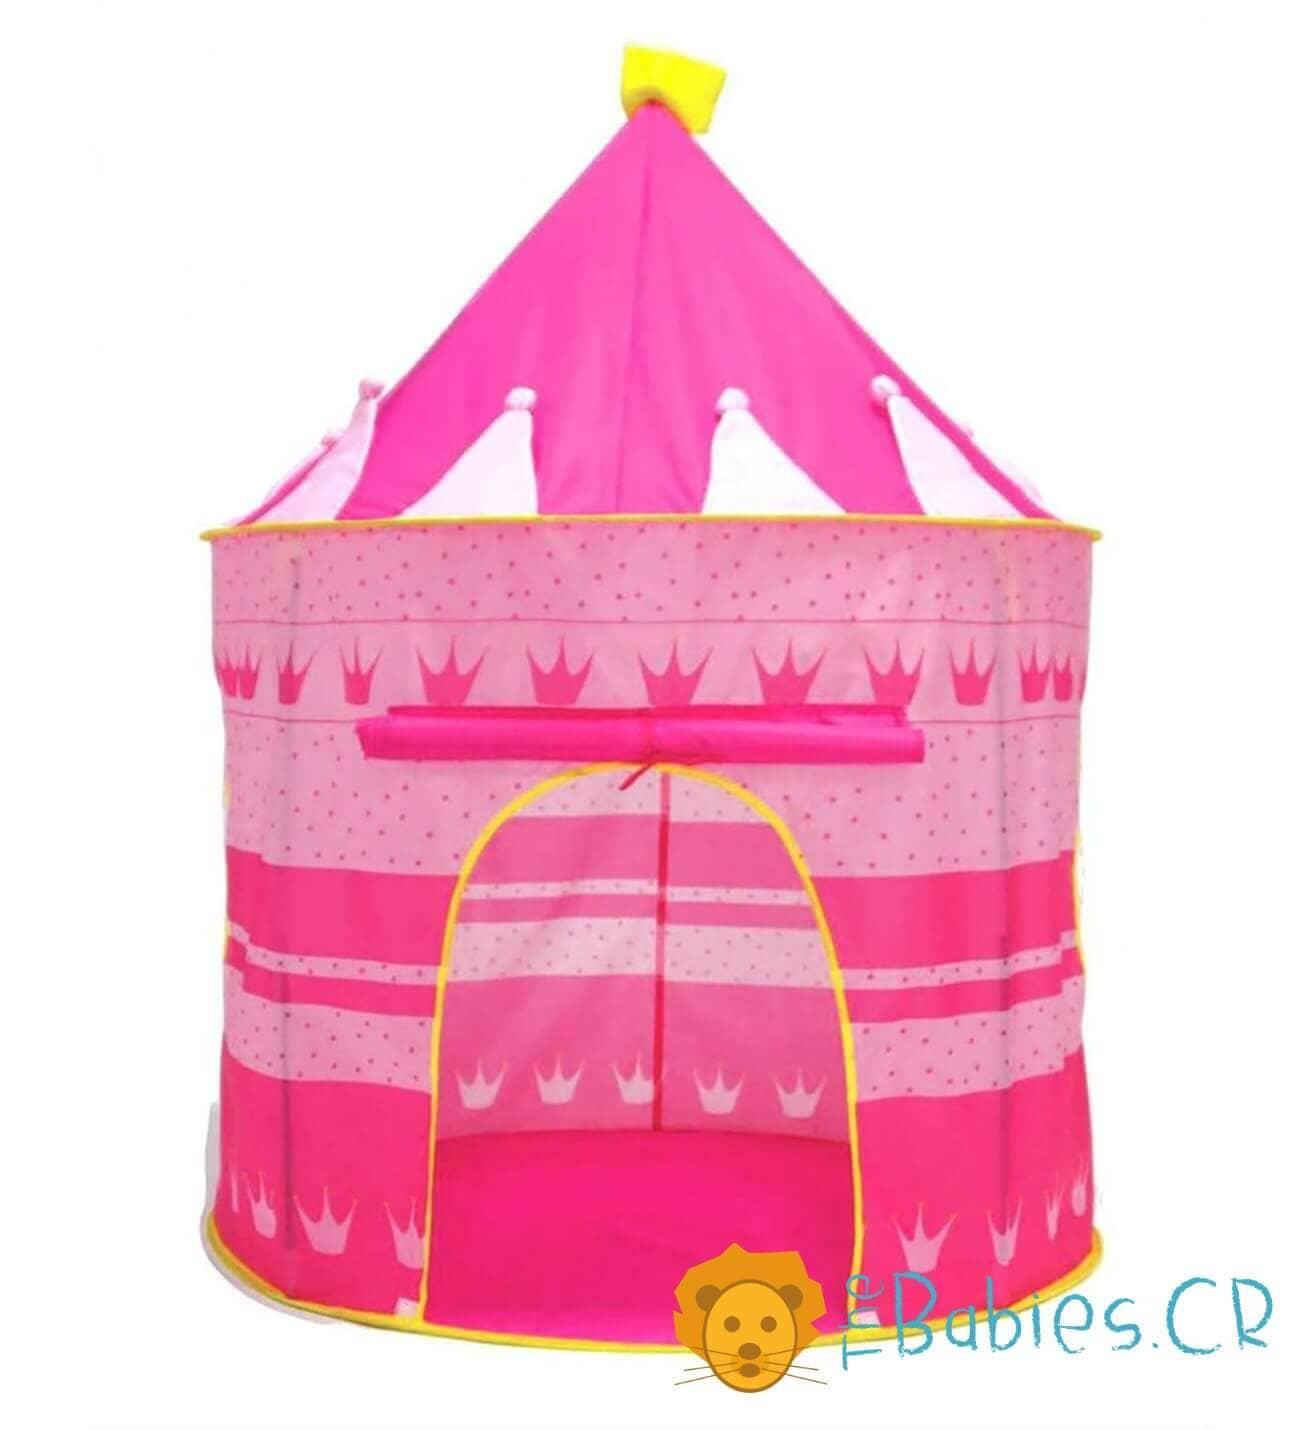 Tienda tipo castillo rosado Image